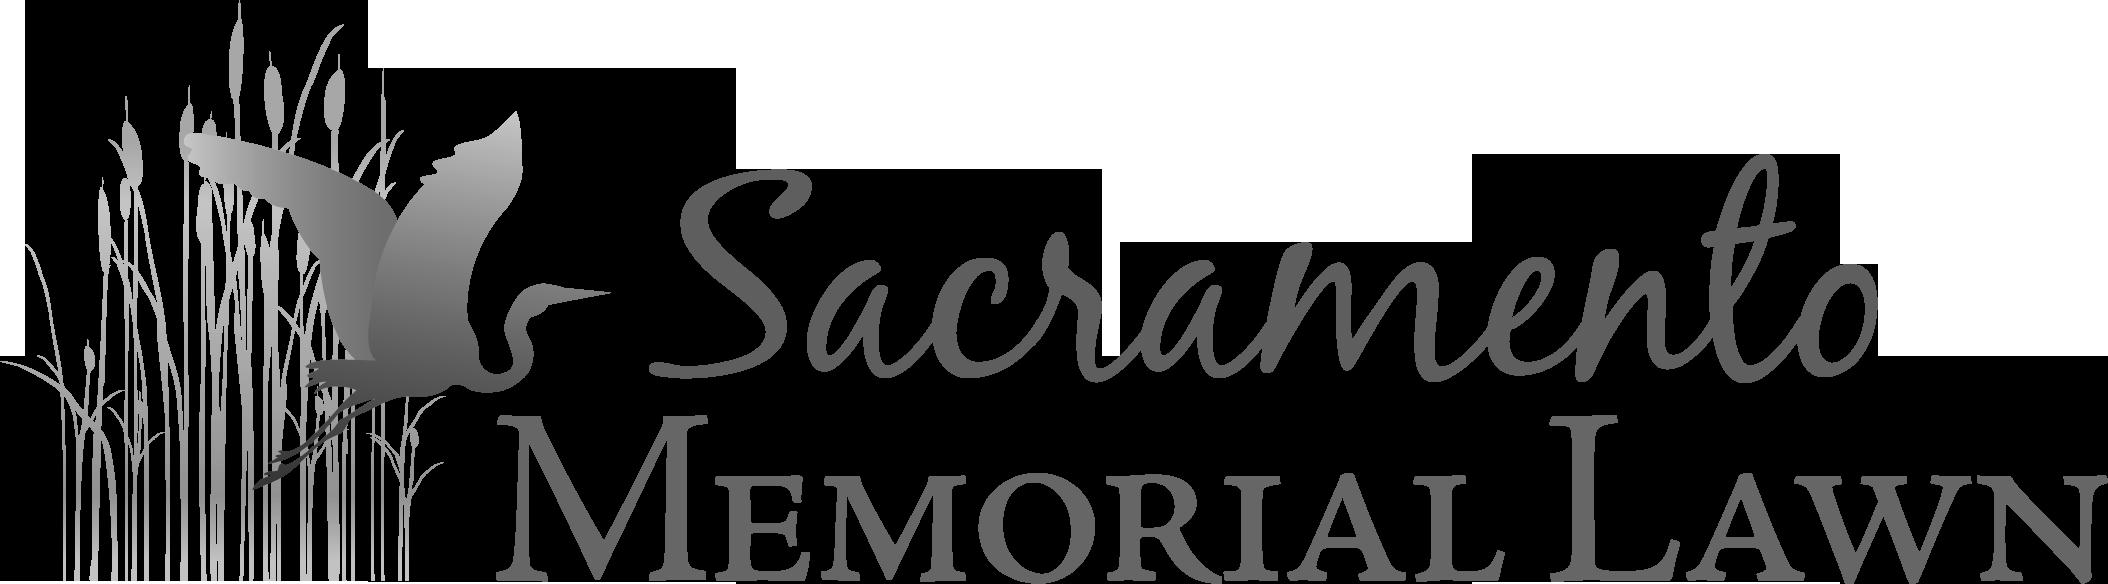 Sacramento Memorial Lawn